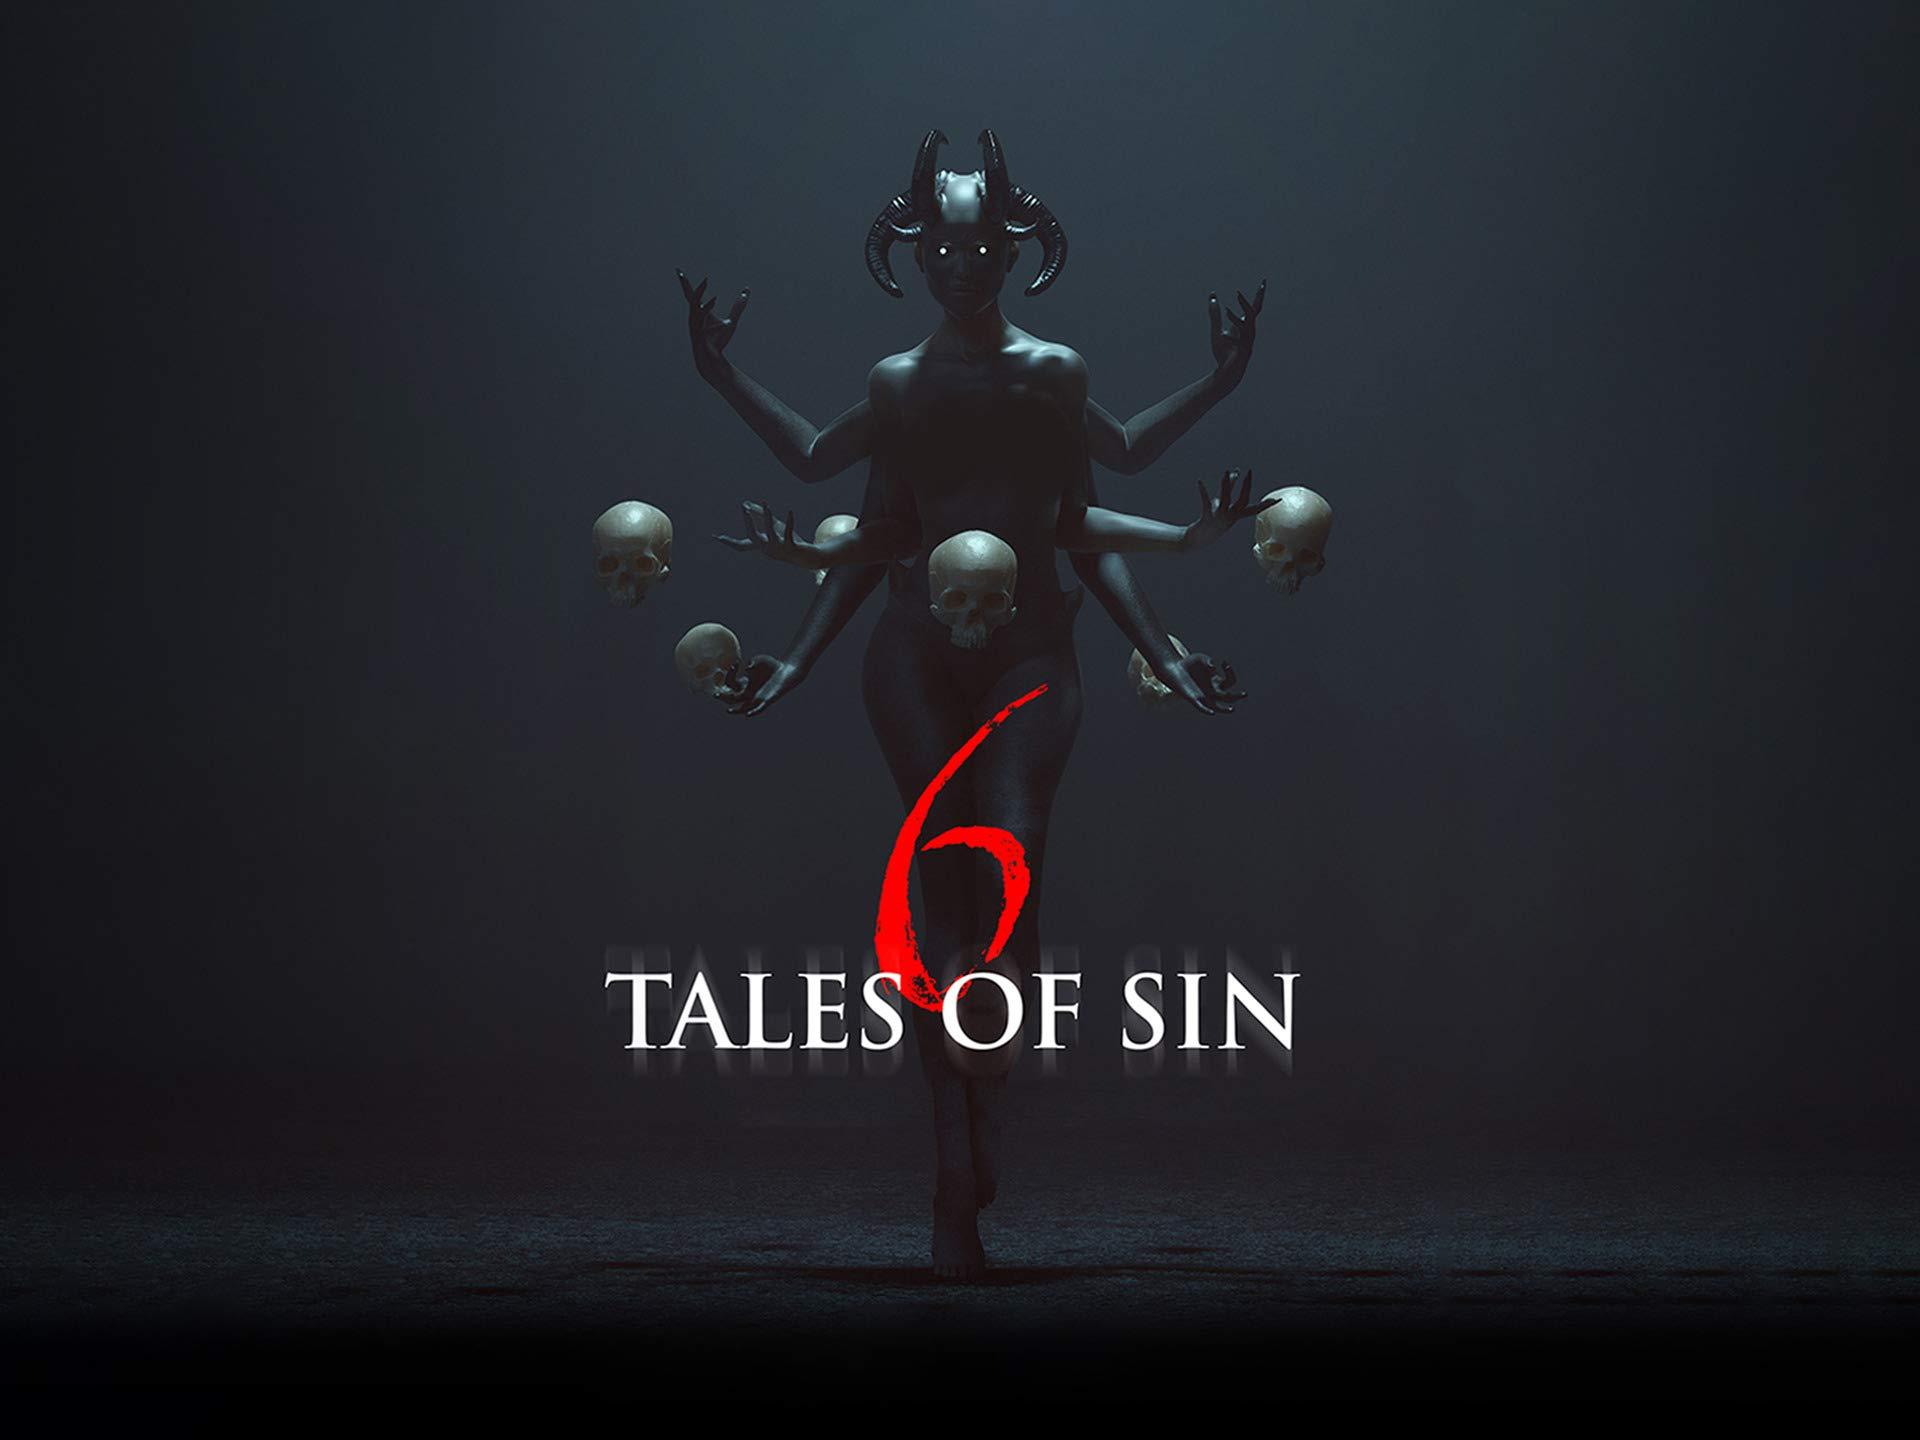 Six Tales of Sin